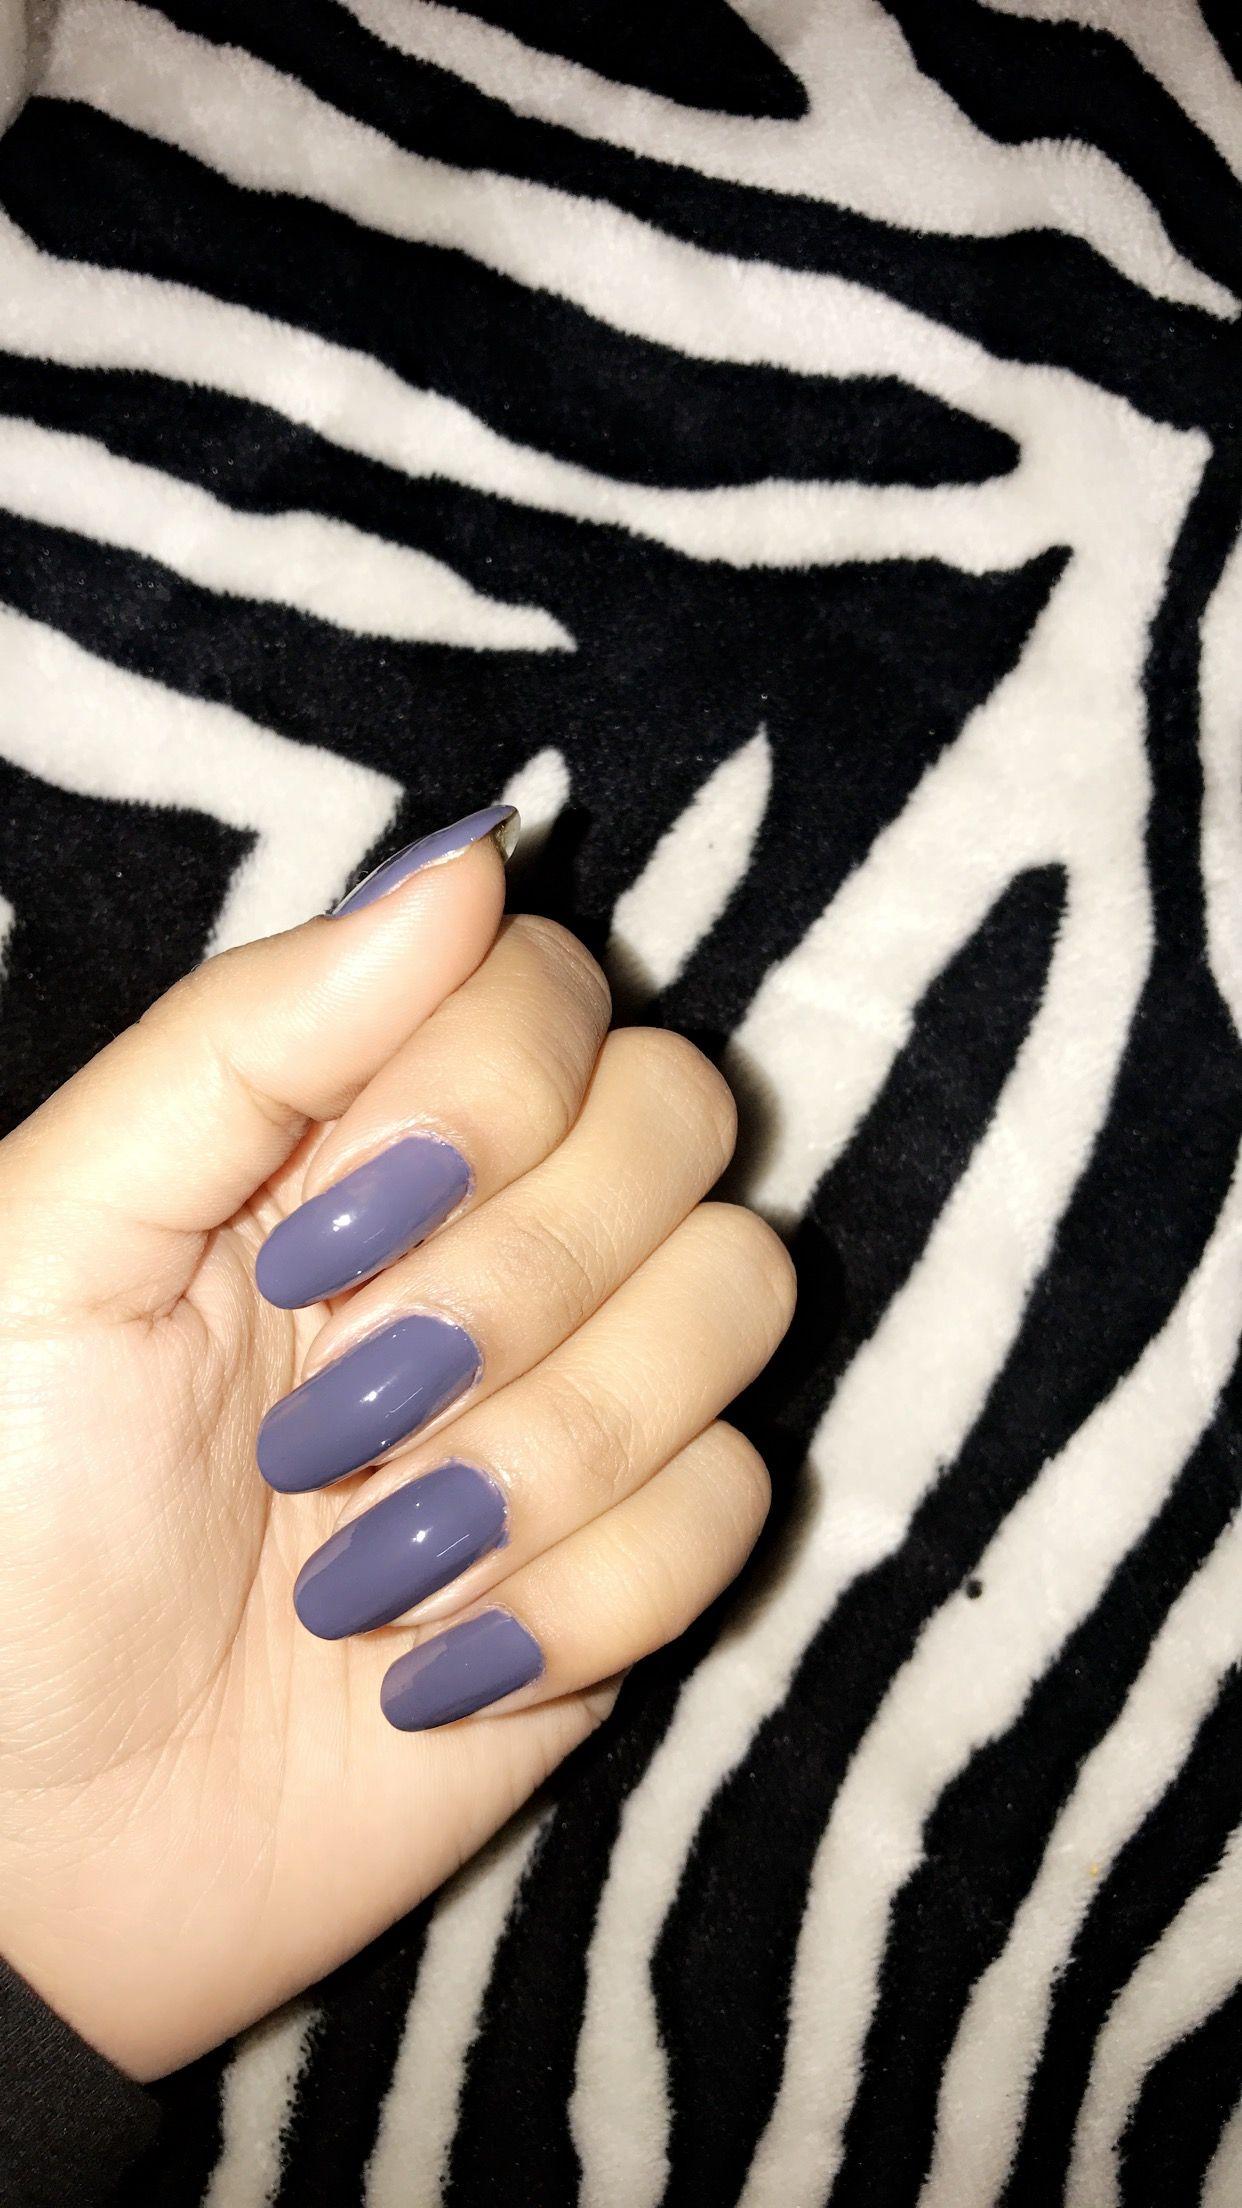 Shyni Nail Accessories Fall Nail Designs Girls Nails